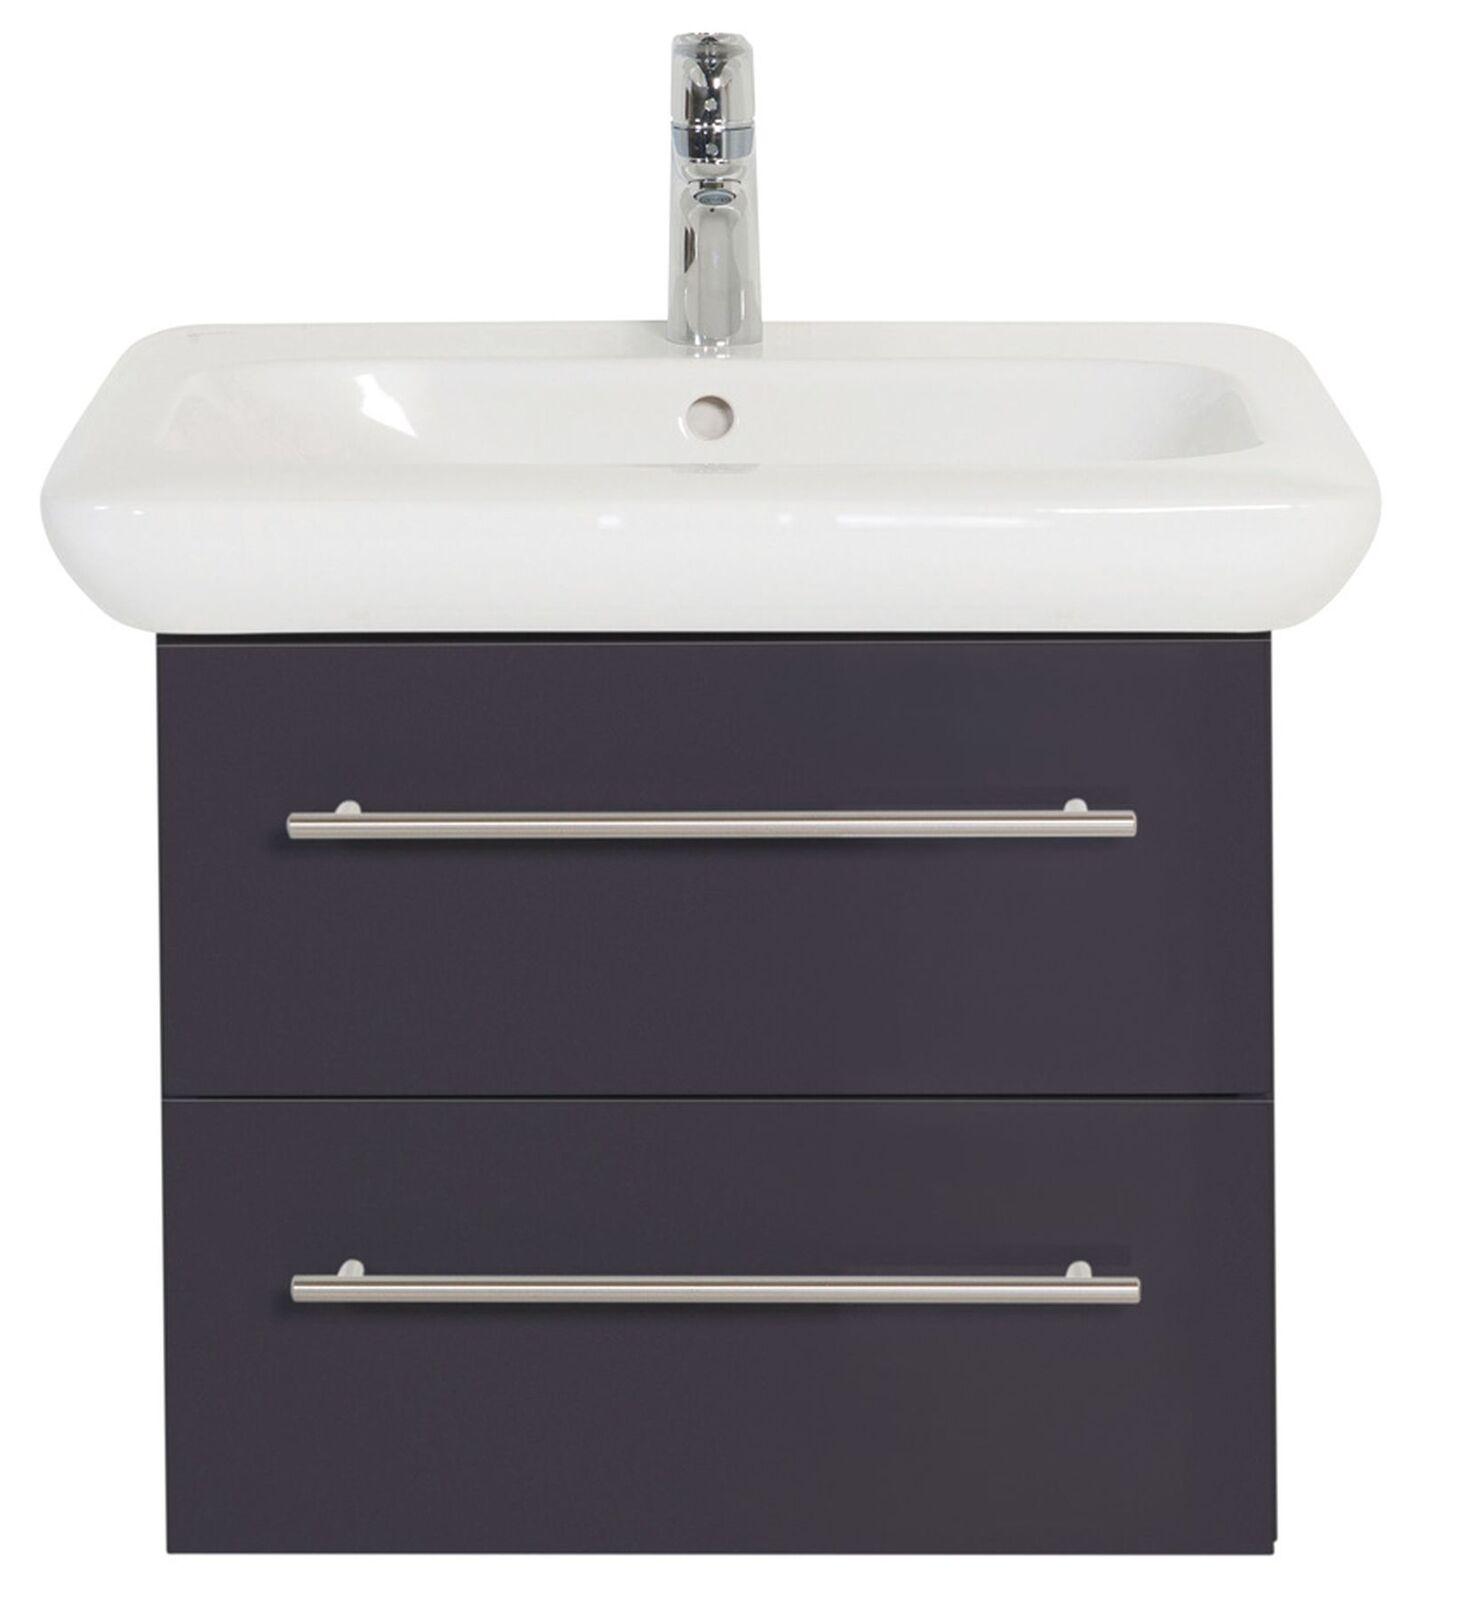 waschplatz 60 cm waschtisch keramag becken softclose auszug vormontiert it60 kaufen bei. Black Bedroom Furniture Sets. Home Design Ideas